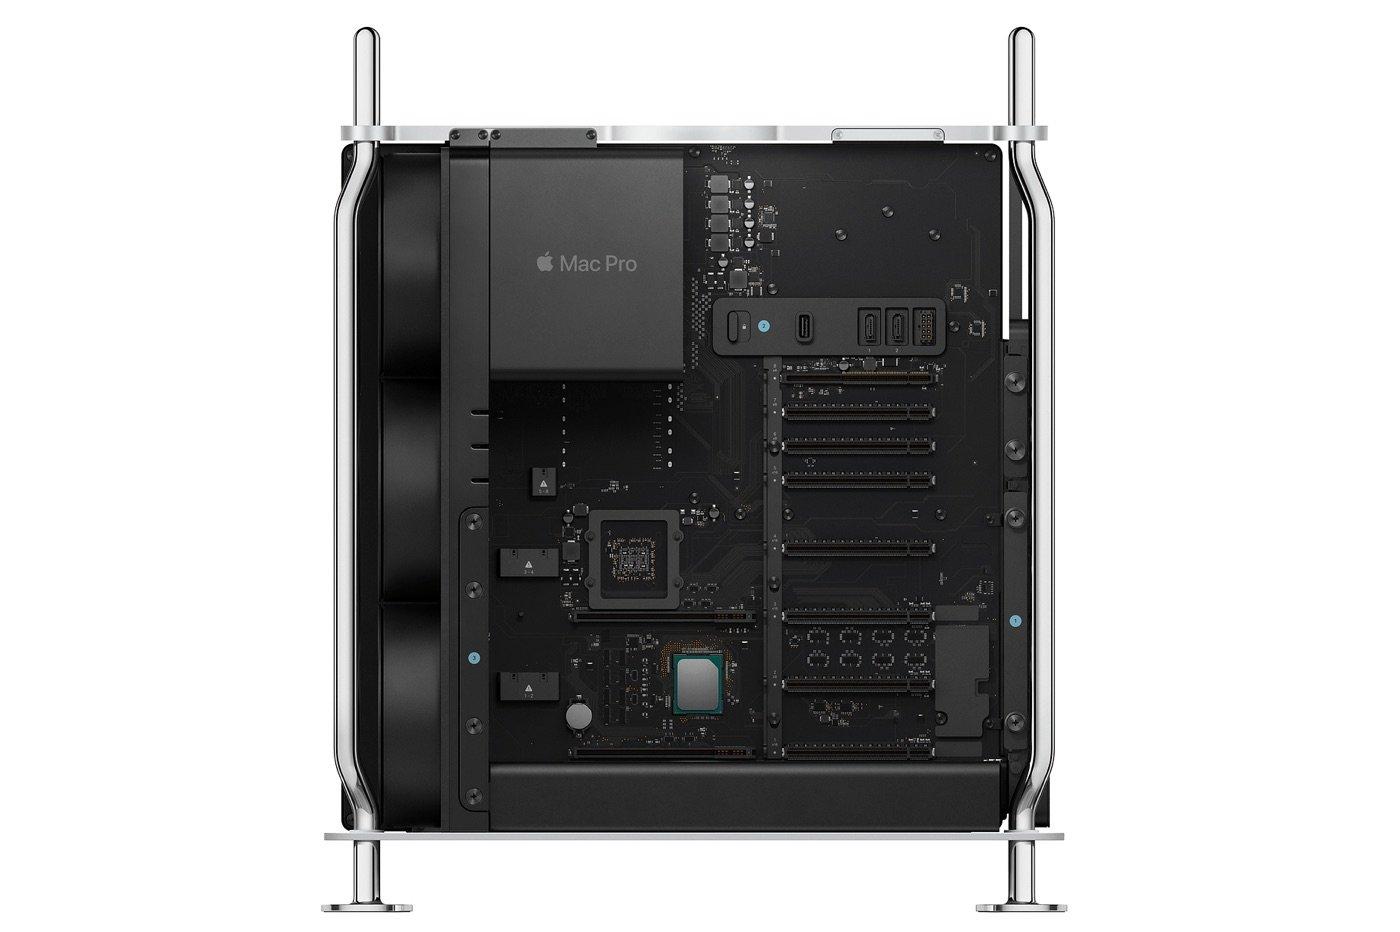 Il compare un PC à 11 000 dollars et un Mac Pro au même prix